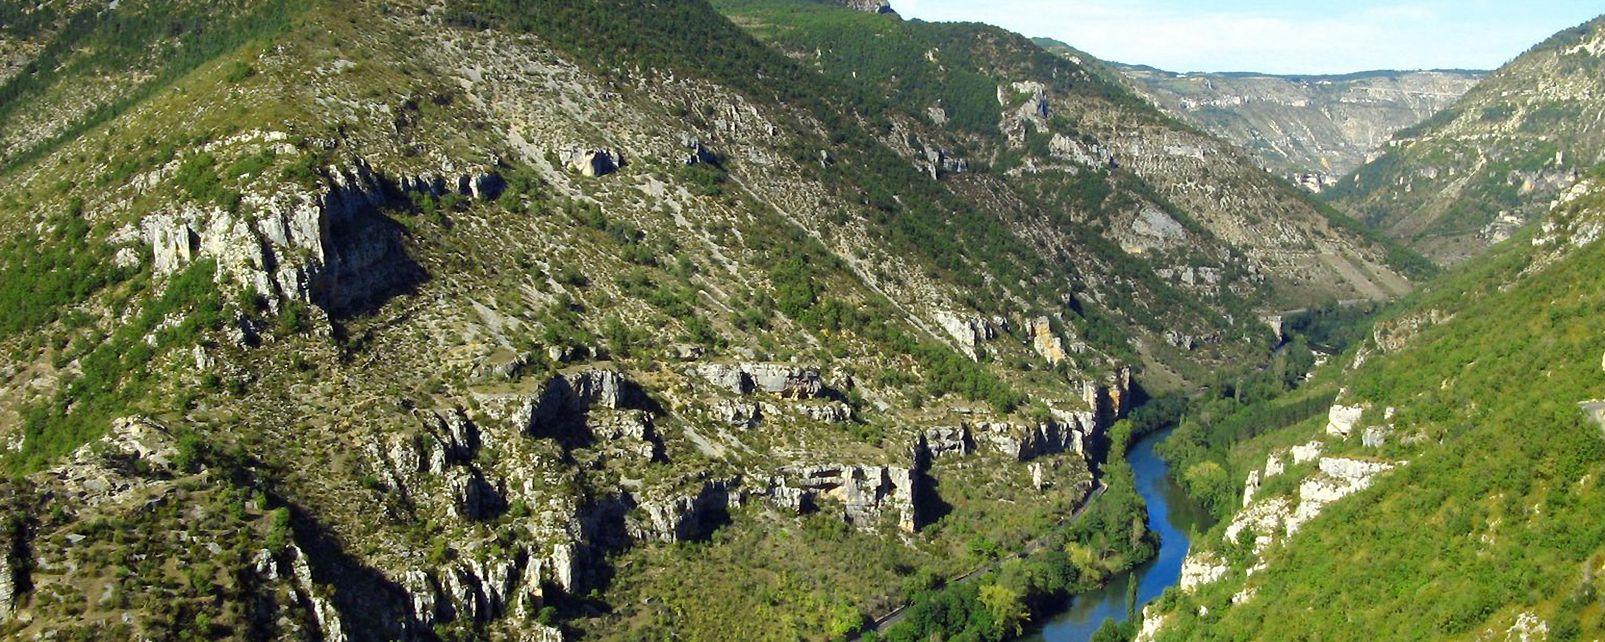 Les bateliers de la Malène , France